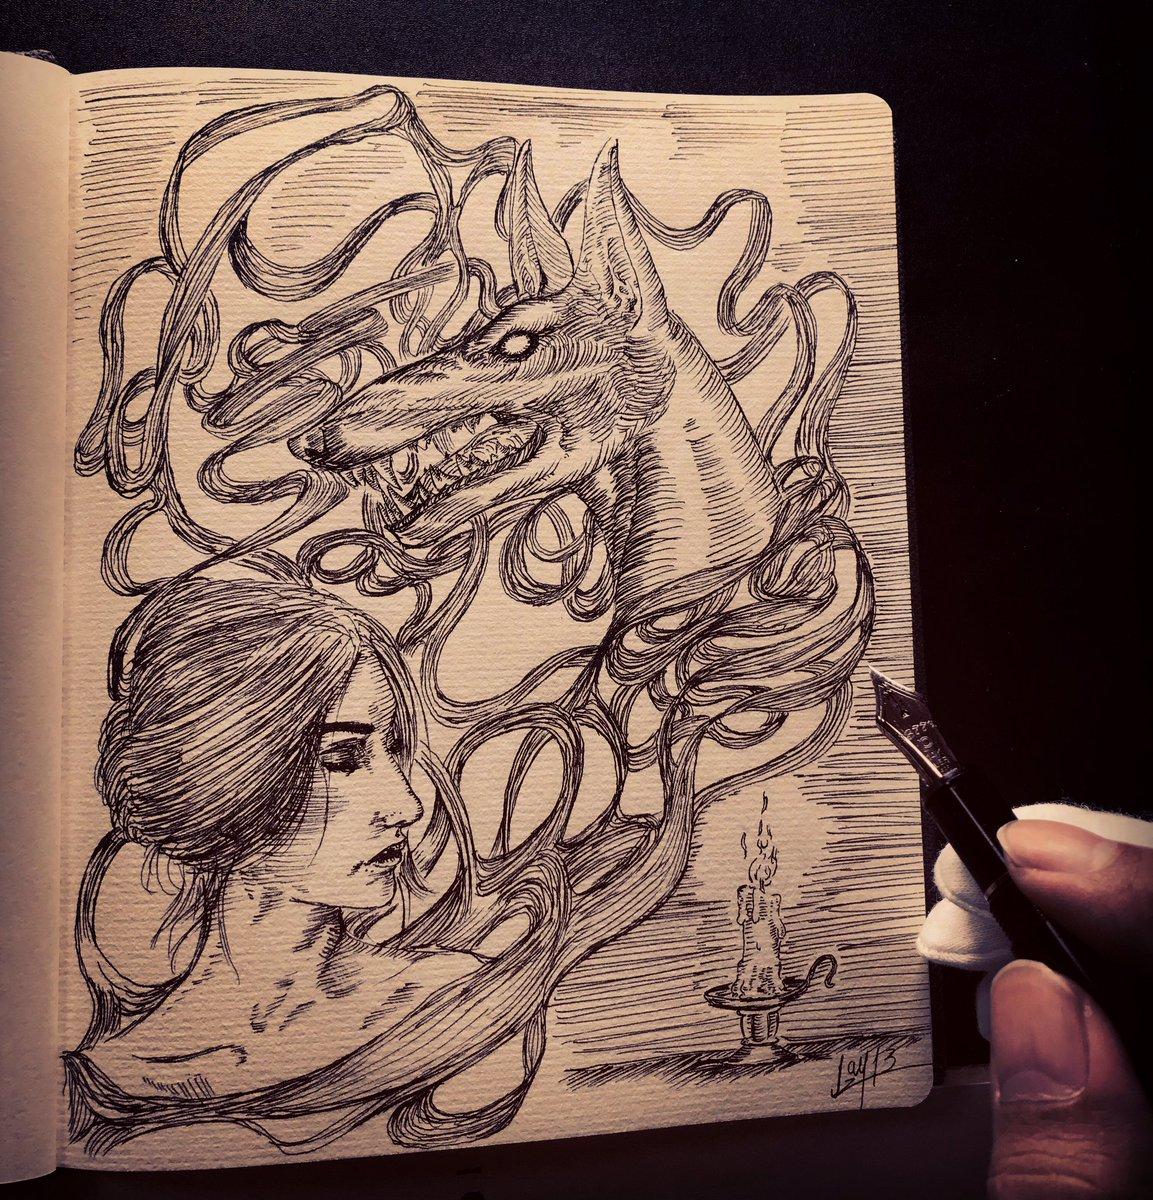 落書き、 生と死、想像と破壊、心理と物理、女と男。  #アート #落書き #イラスト #万年筆  #people #smoke #女性 #アナログ一発描き #art #ilustration  #drawing #woman #煙 #foutainpen #キャンドル #candle #myartwork  #dog #犬 #tradicional